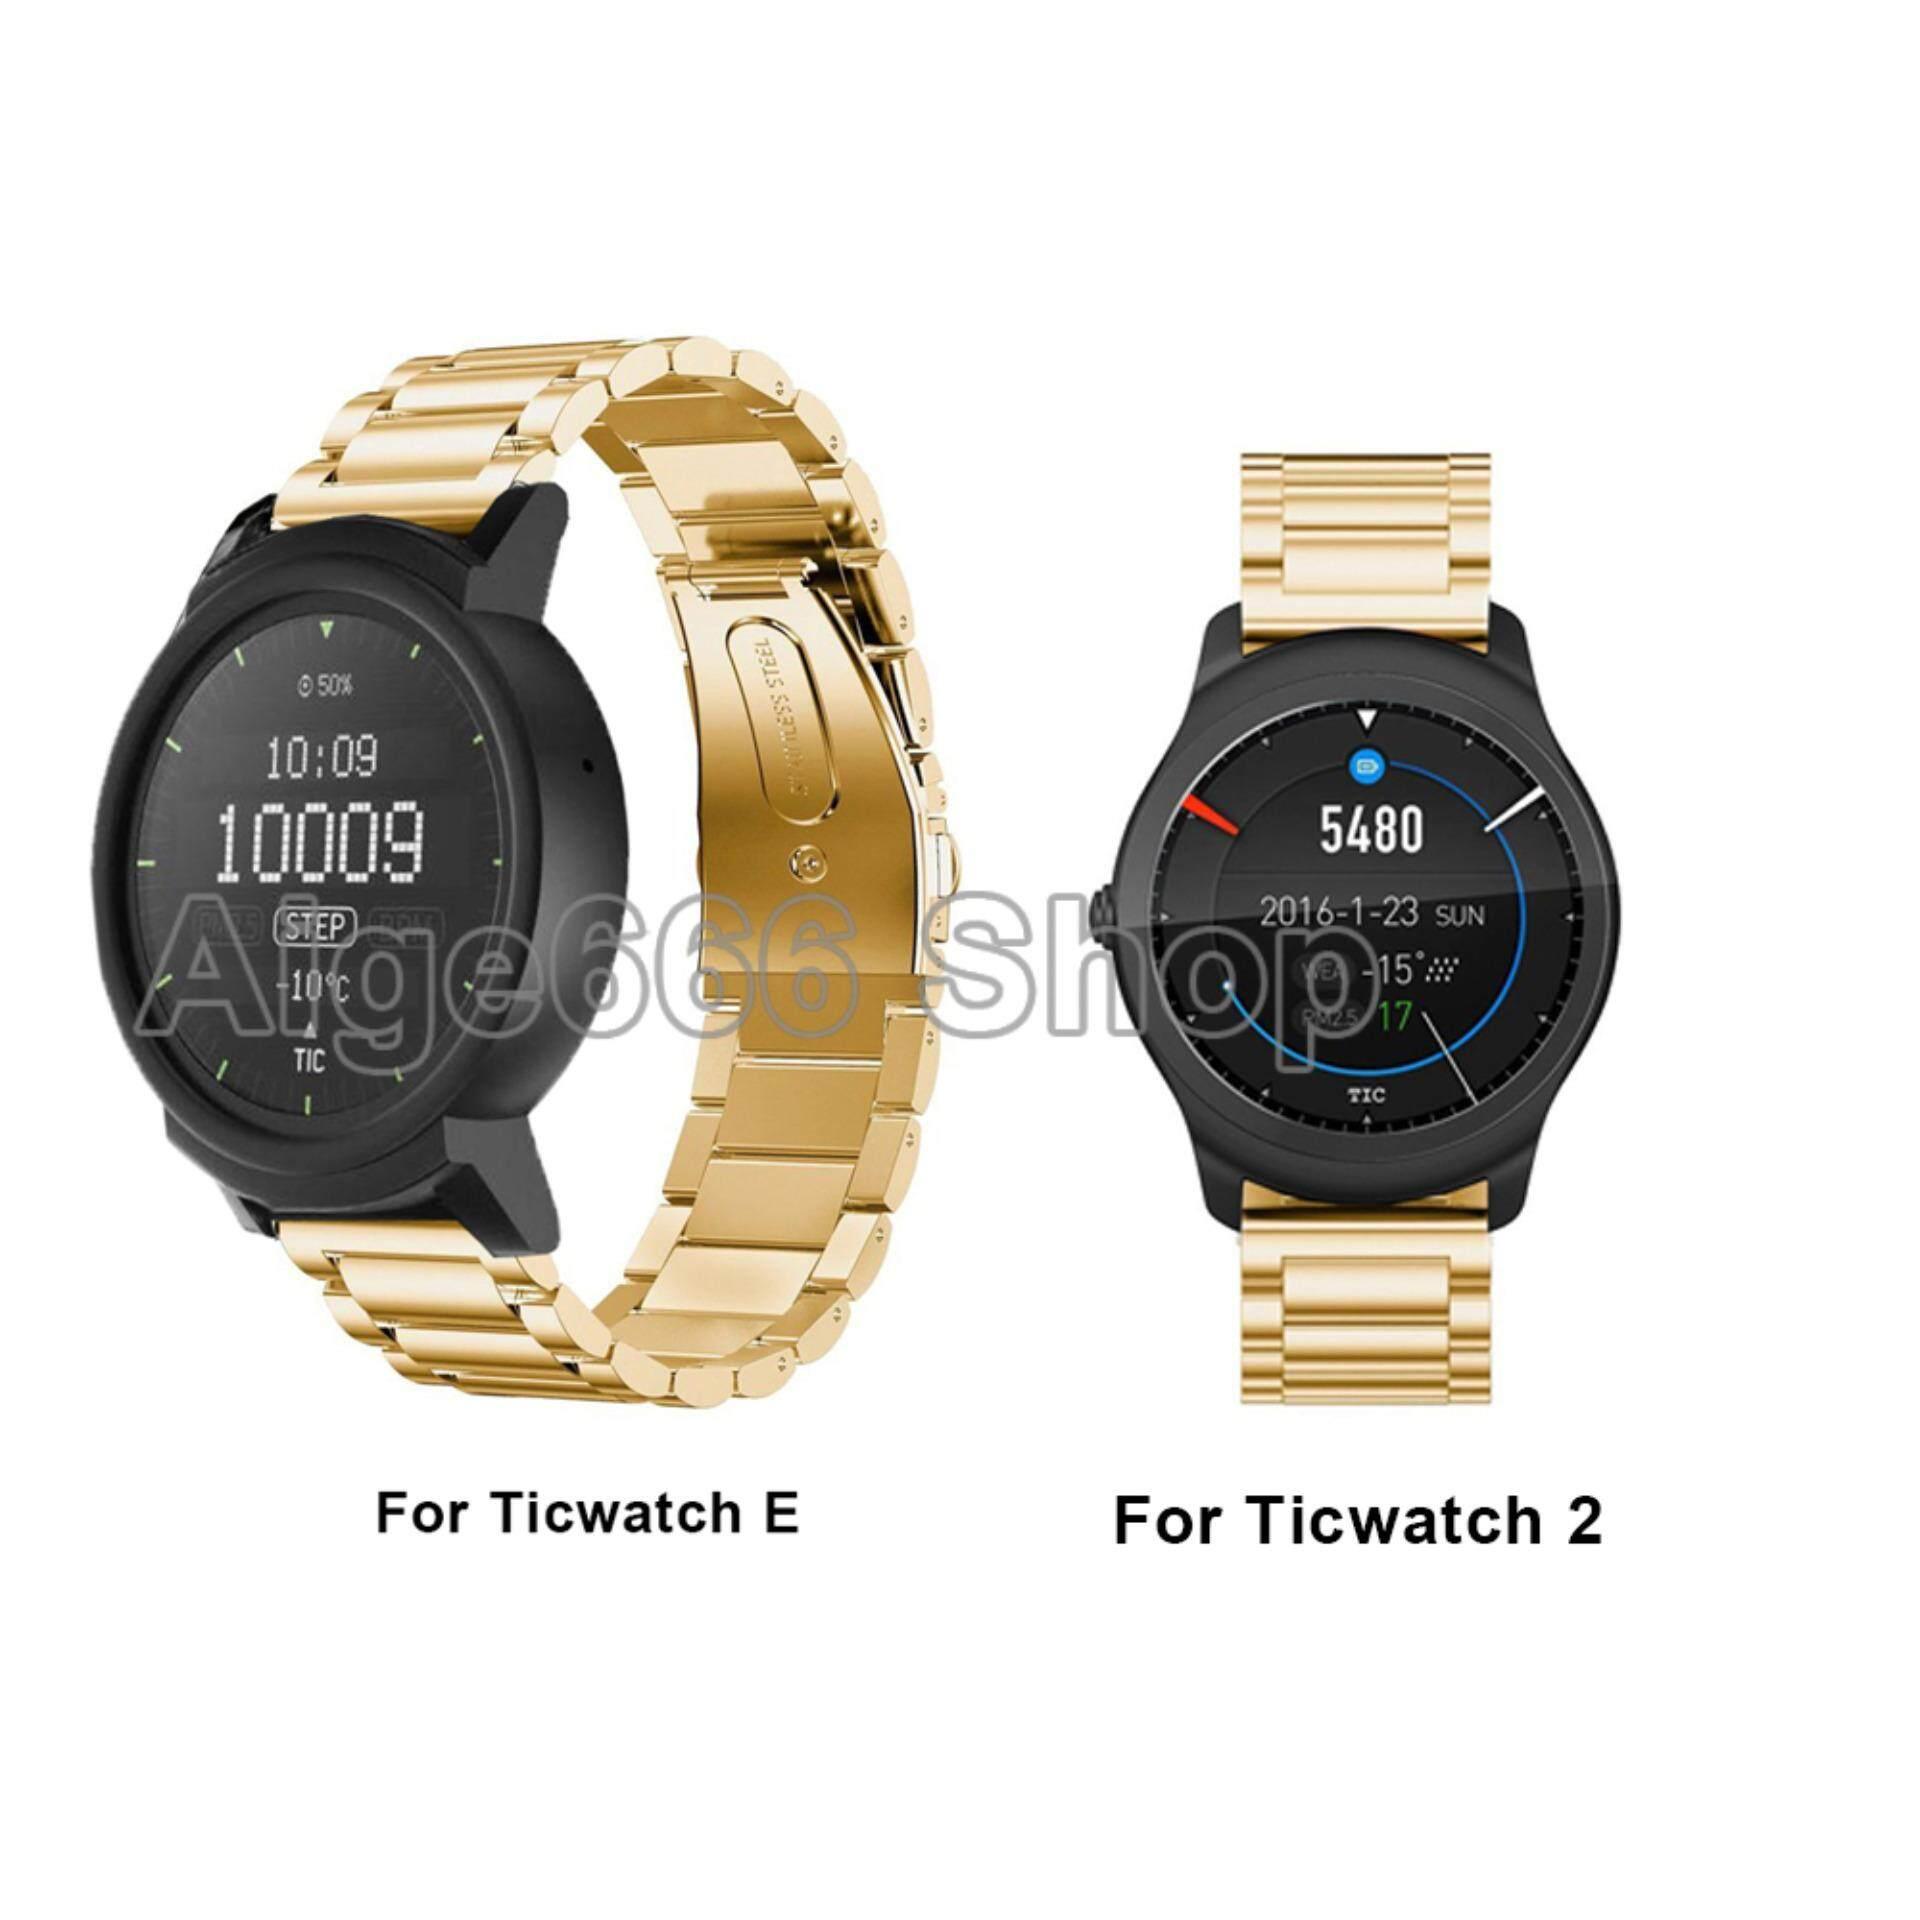 20 Met Đeo Bằng Thep Khong Gỉ Danh Cho Ticwatch 2 Ticwatch E Đồng Hồ Thong Minh Smart Watch Ốp Kim Loại Quốc Tế Oem Rẻ Trong Trung Quốc